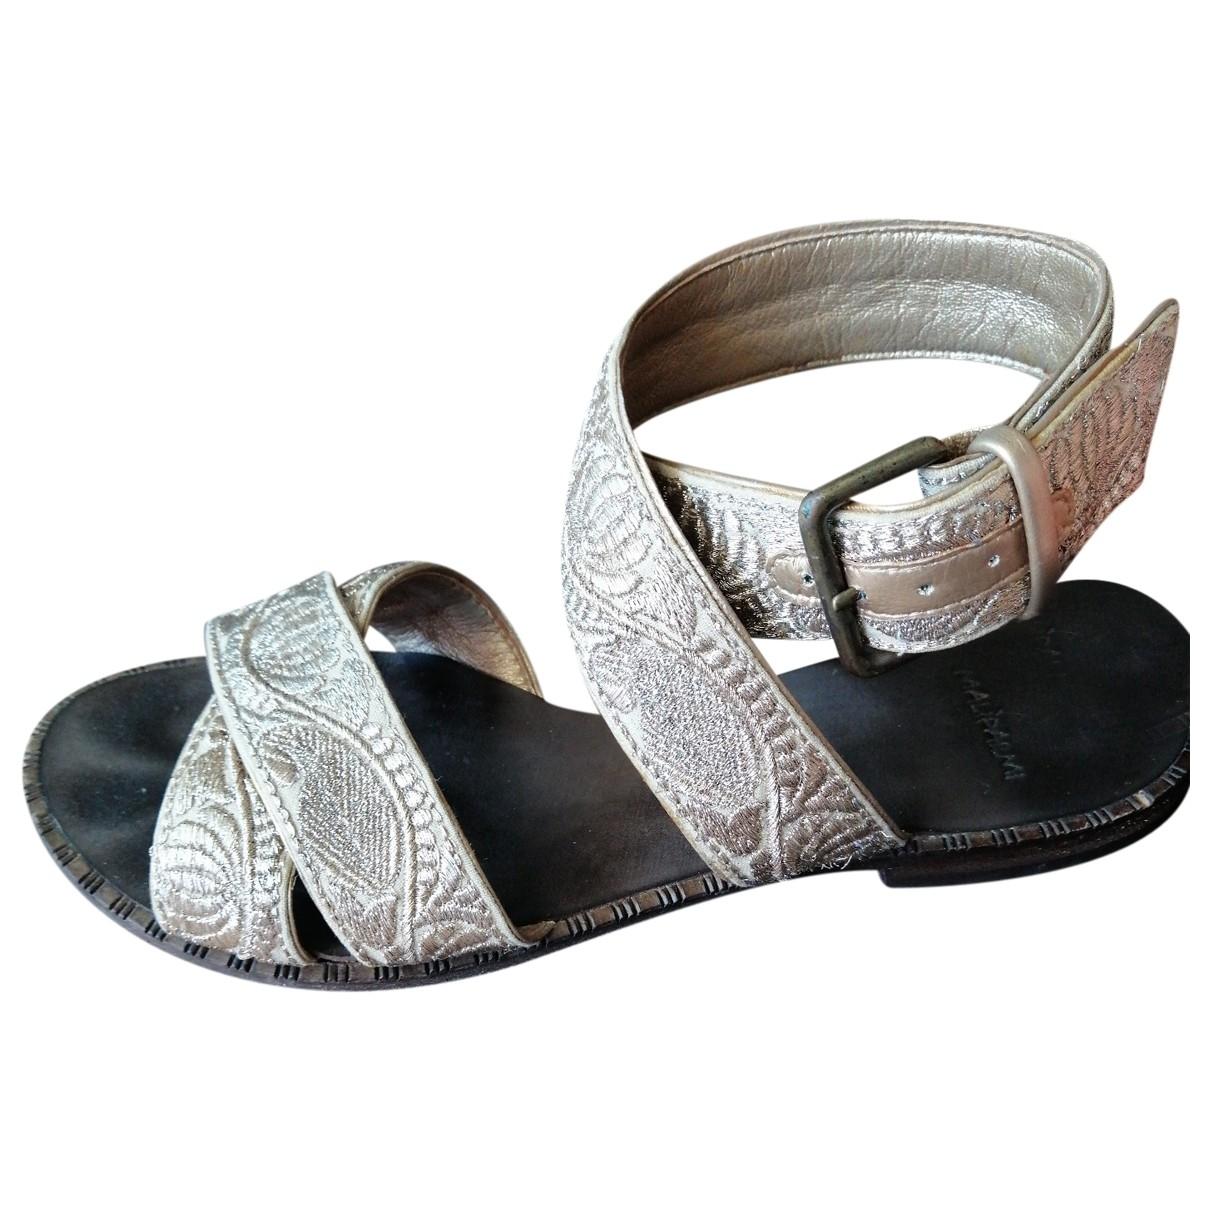 Sandalias romanas de Cuero Maliparmi